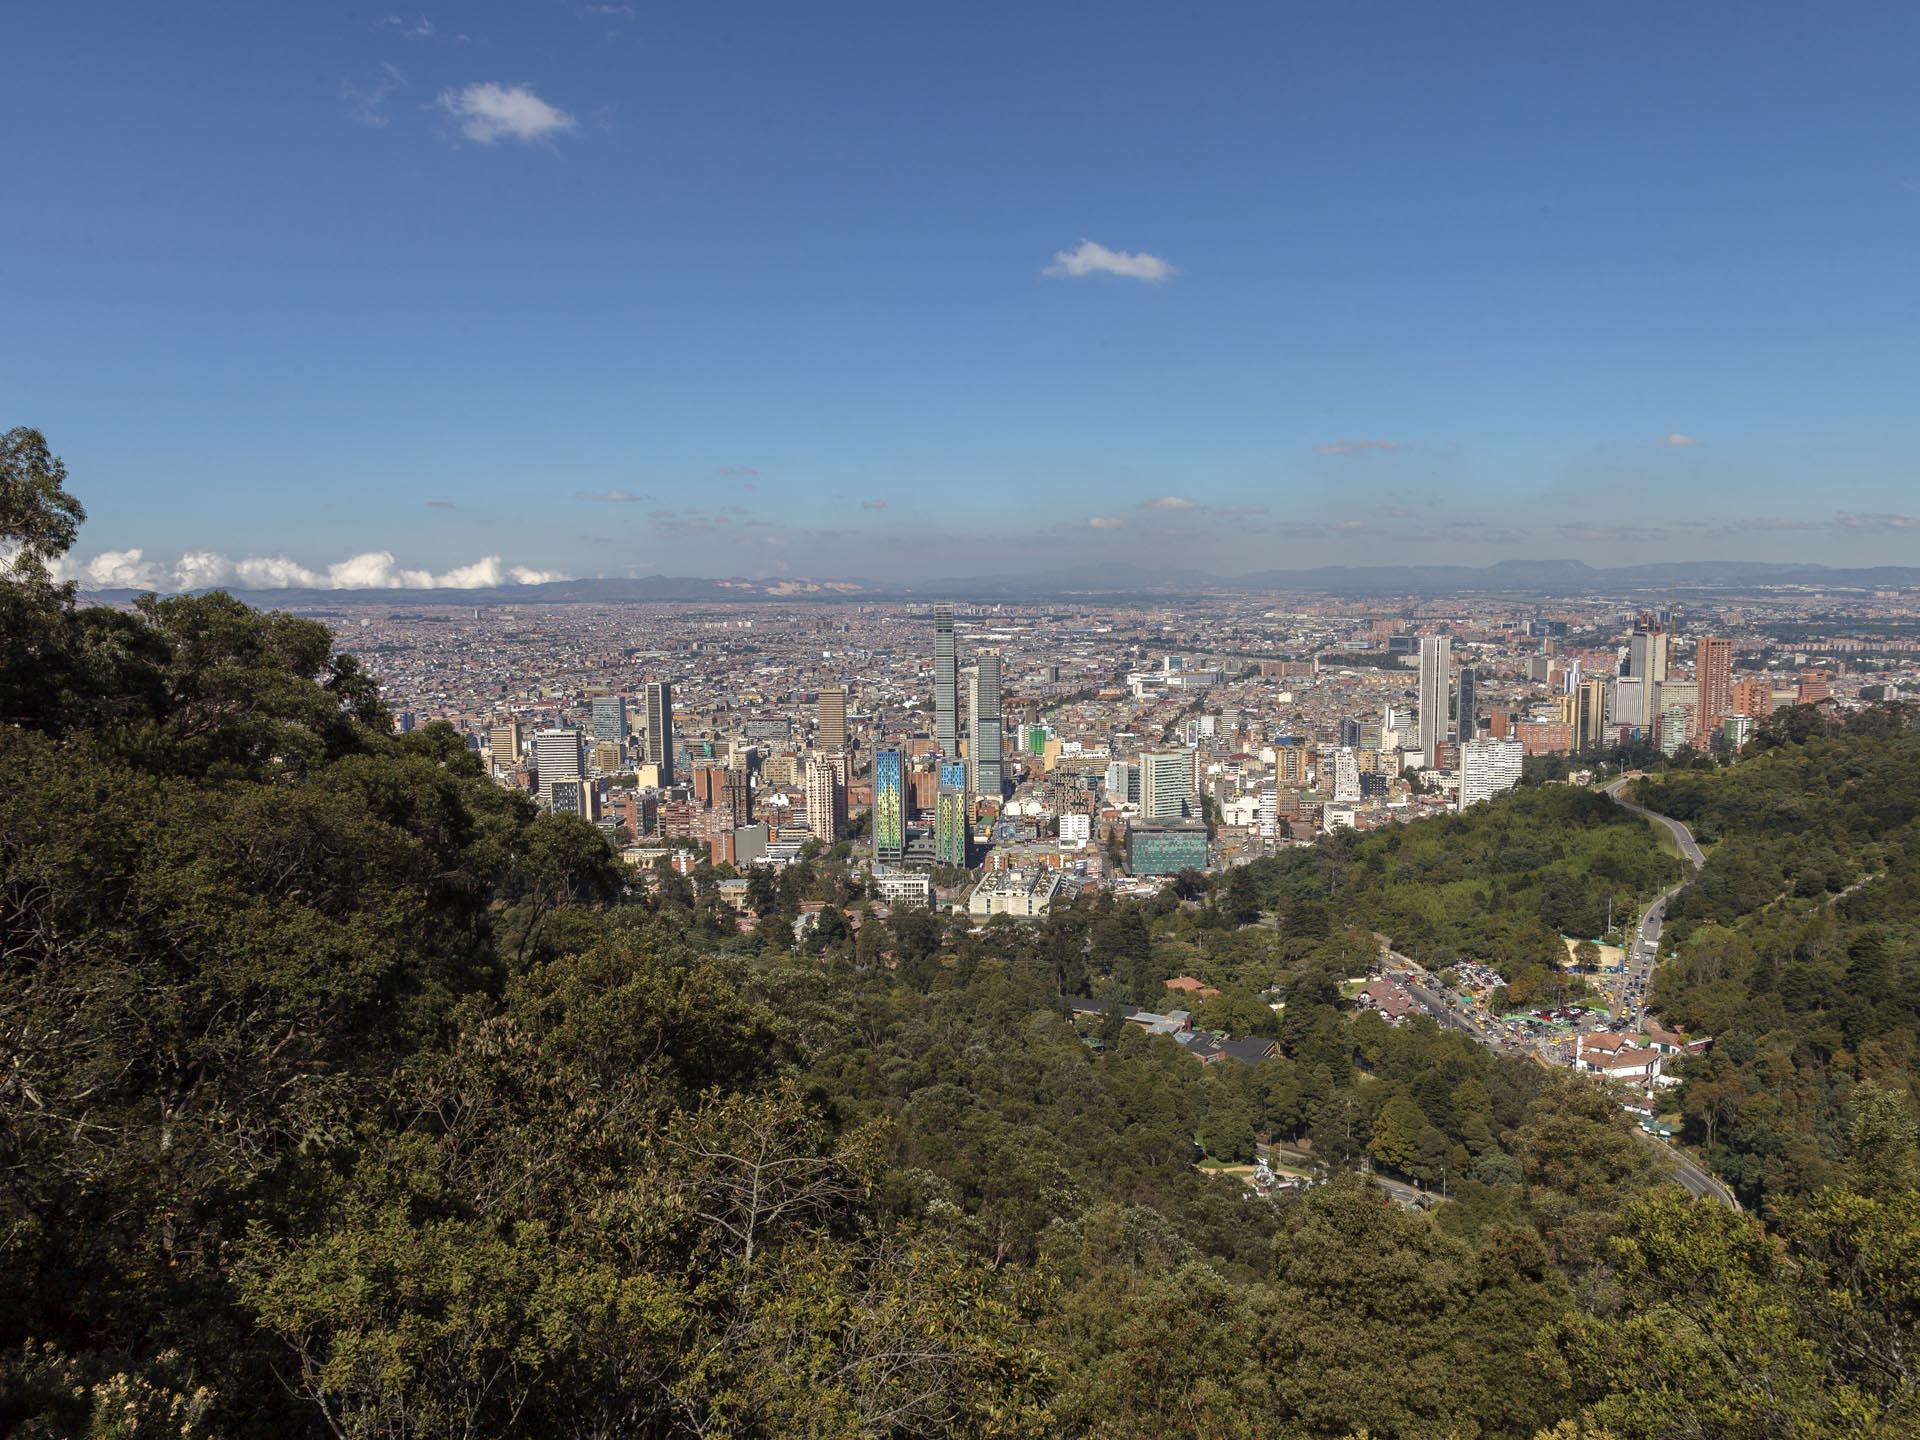 Los cerros orientales son un rasgo característico de nuestra ciudad. Foto: Hanz Rippe / IDPC.